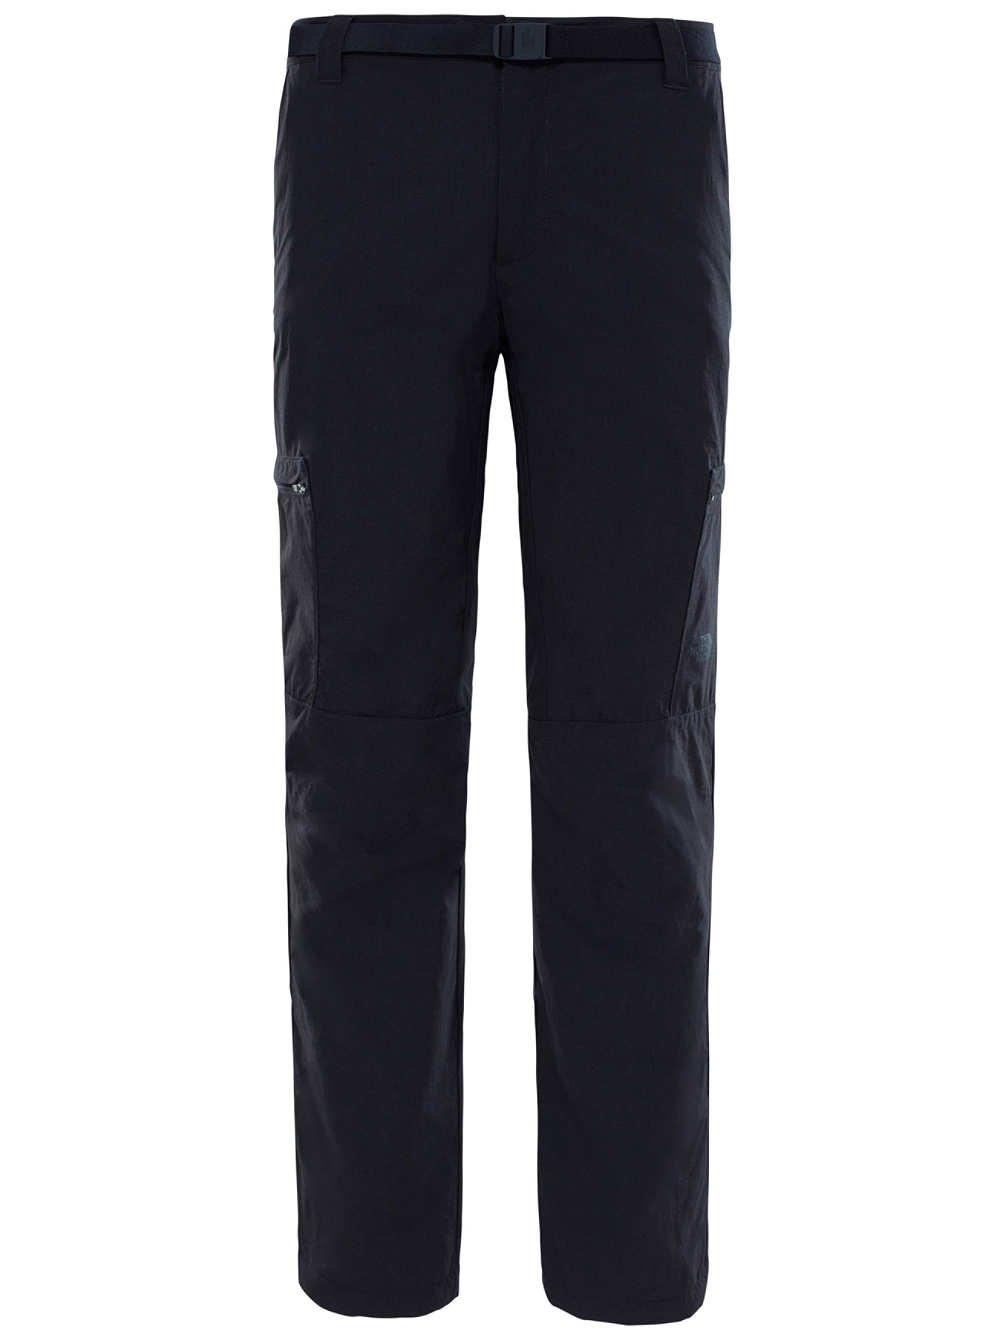 M Winter Experten Cargo Pants